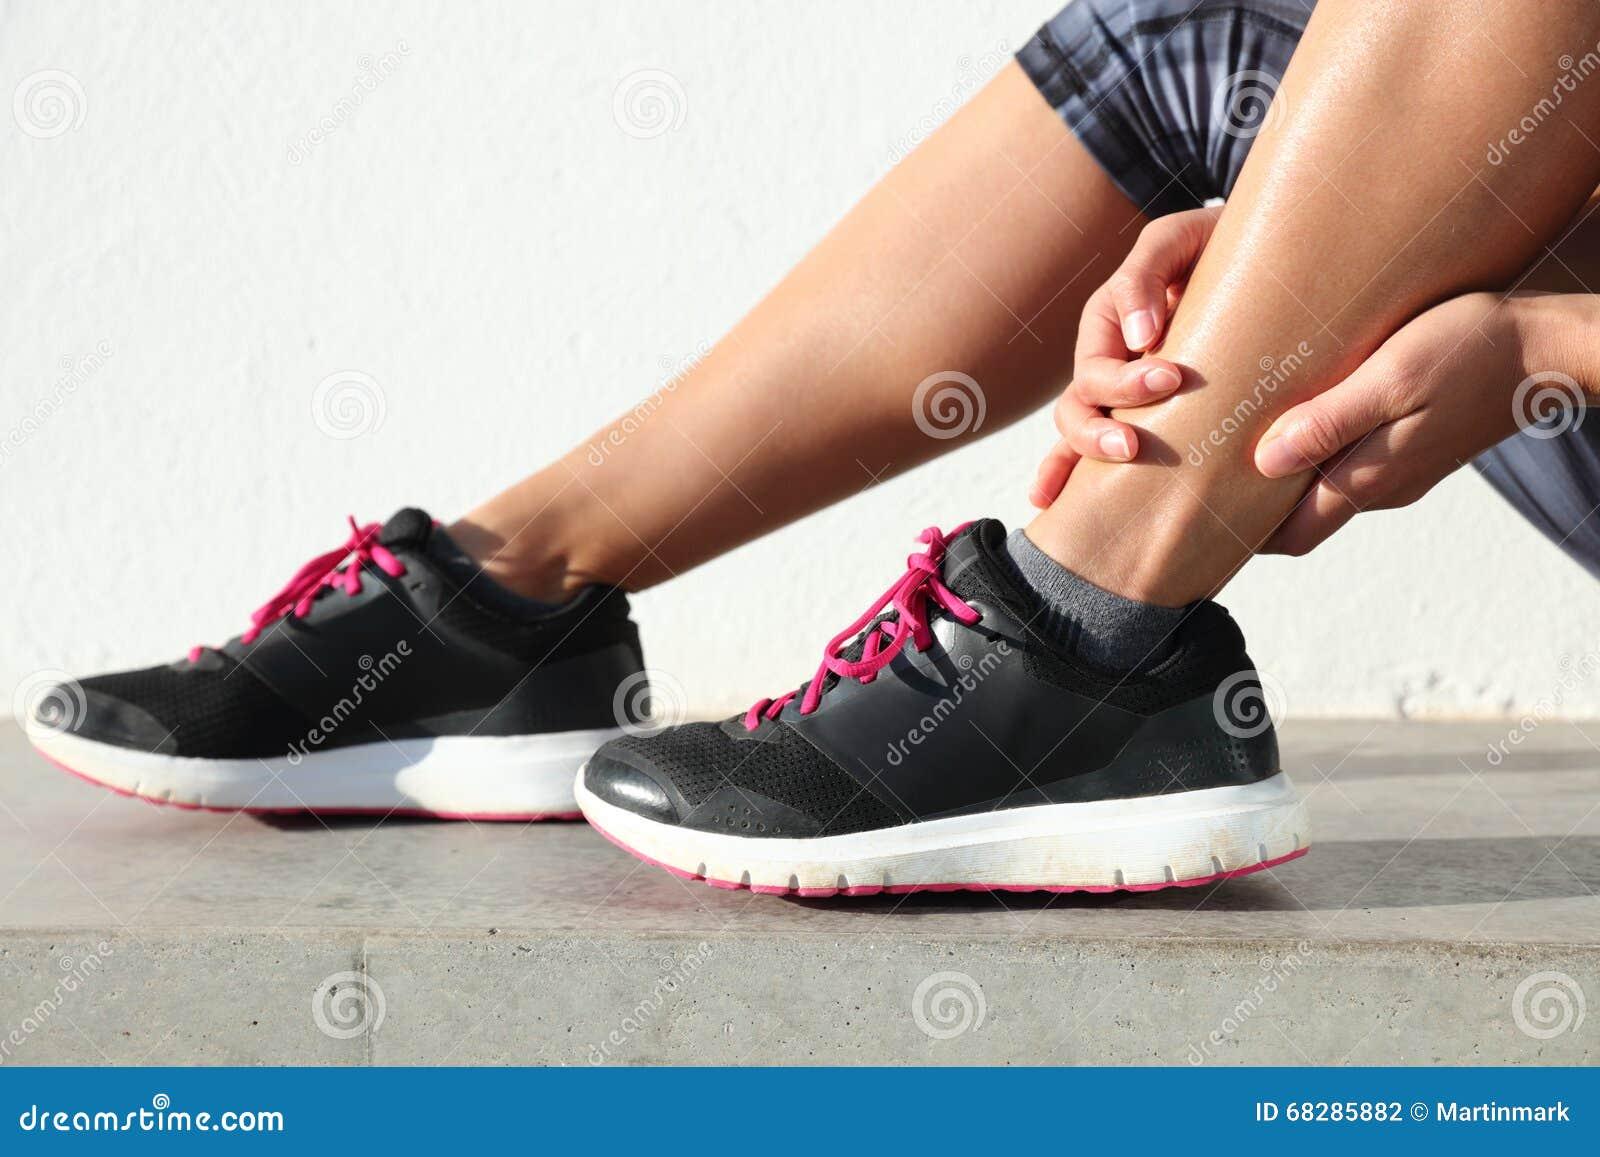 Knöchelschmerz - weiblicher Läufer, der schmerzliche verstauchte gemeinsame Beinnahaufnahme hält